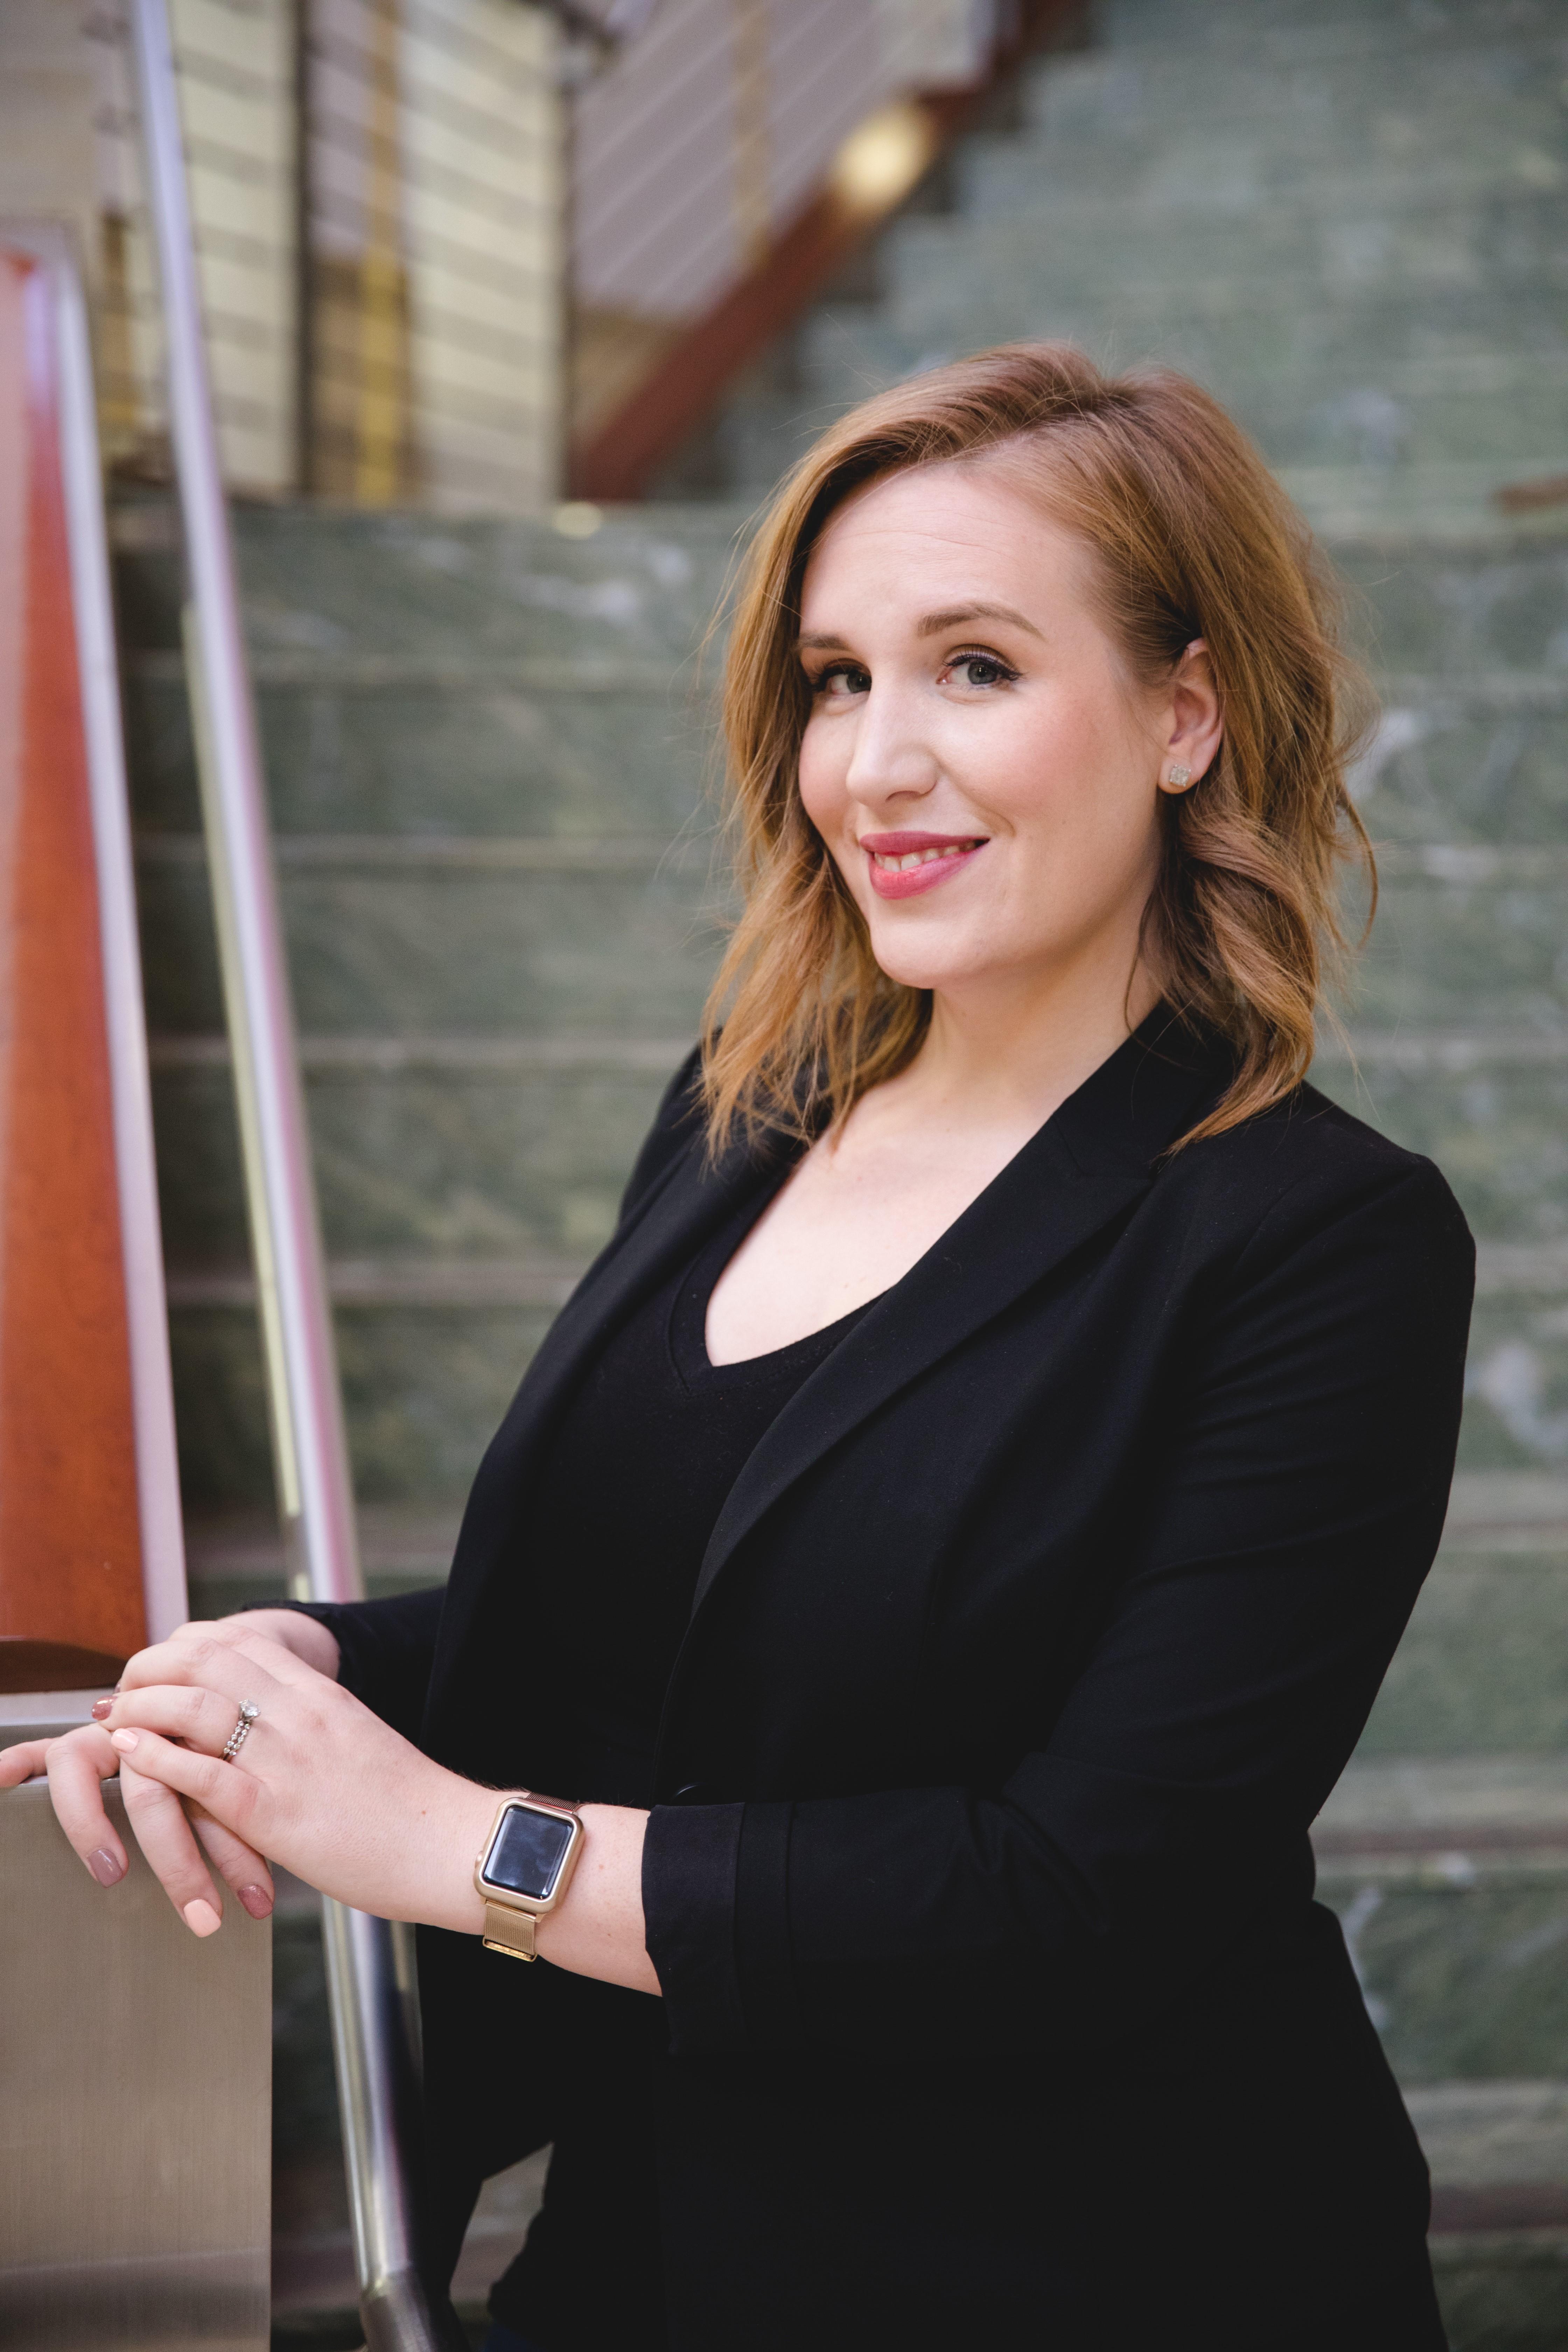 Image of Ashley White